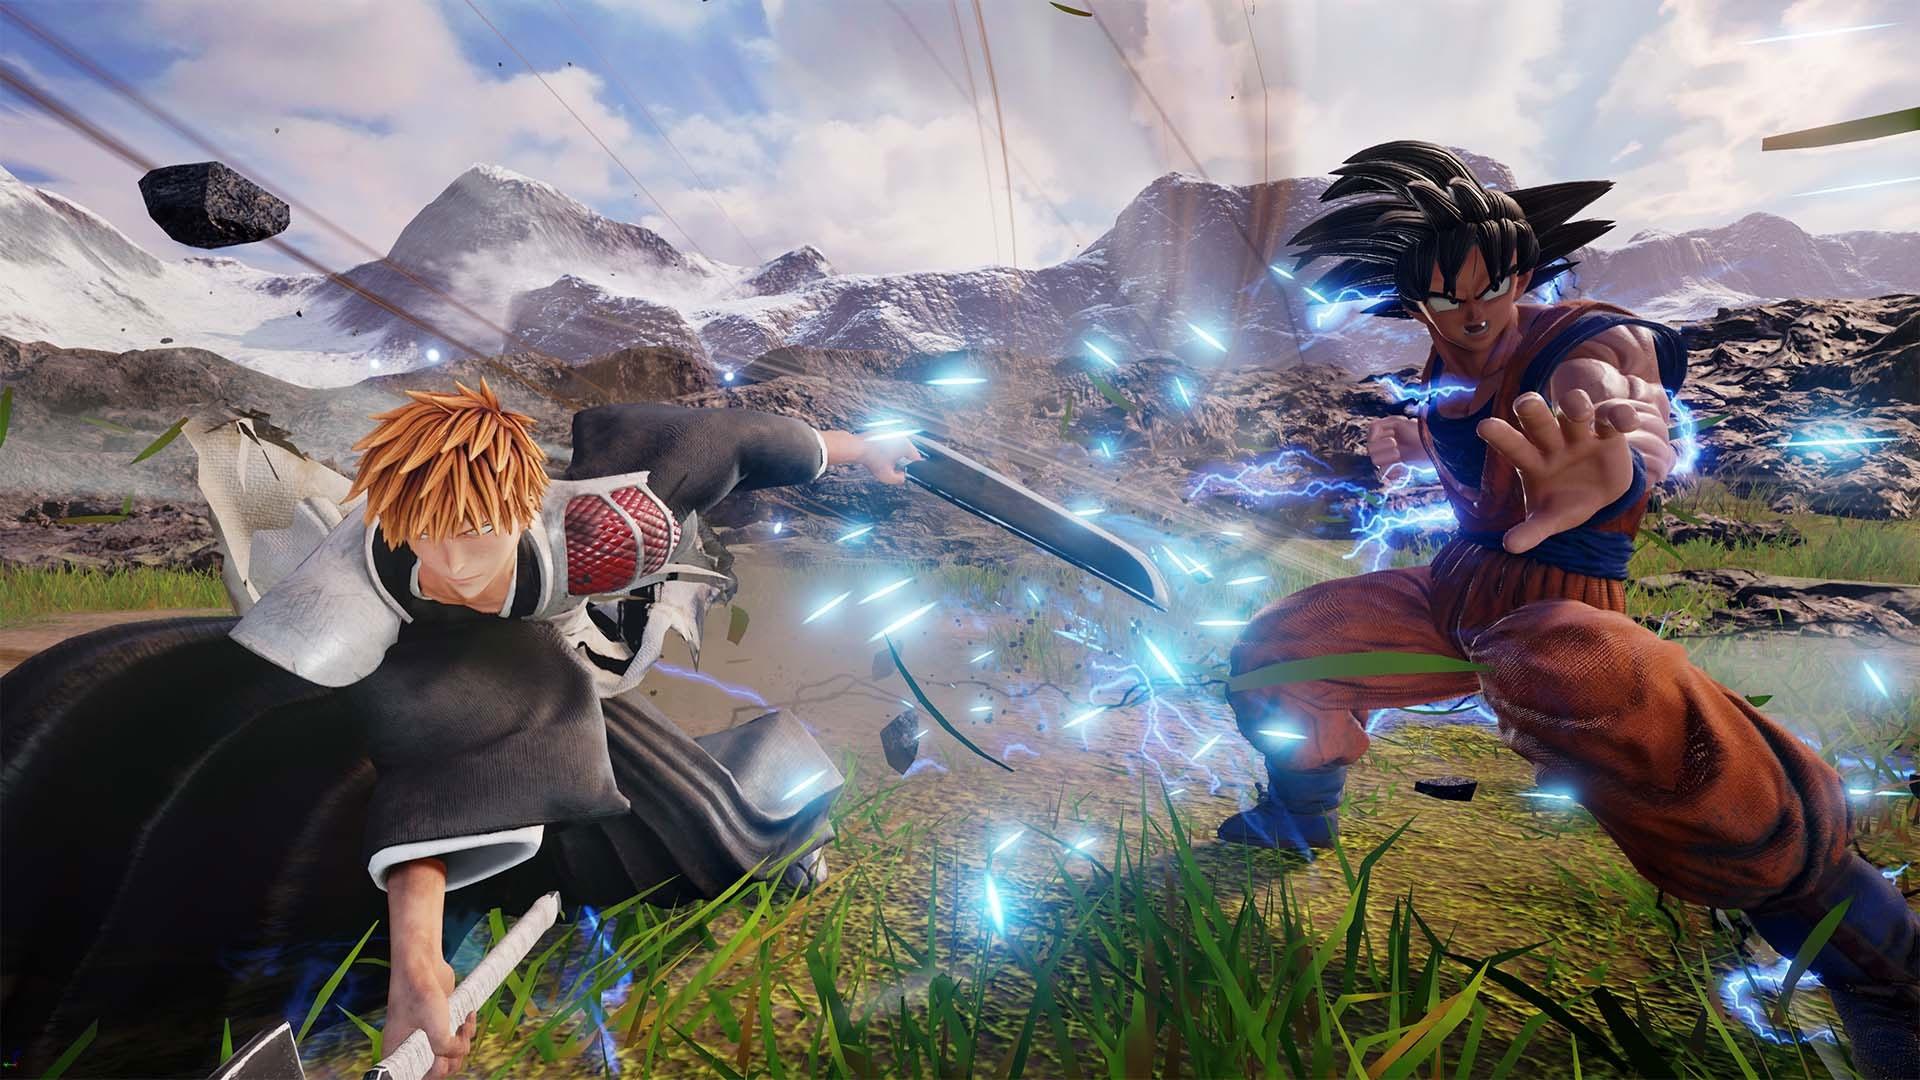 В игре вы можете наделить своего персонажа четырьмя специальными способностями